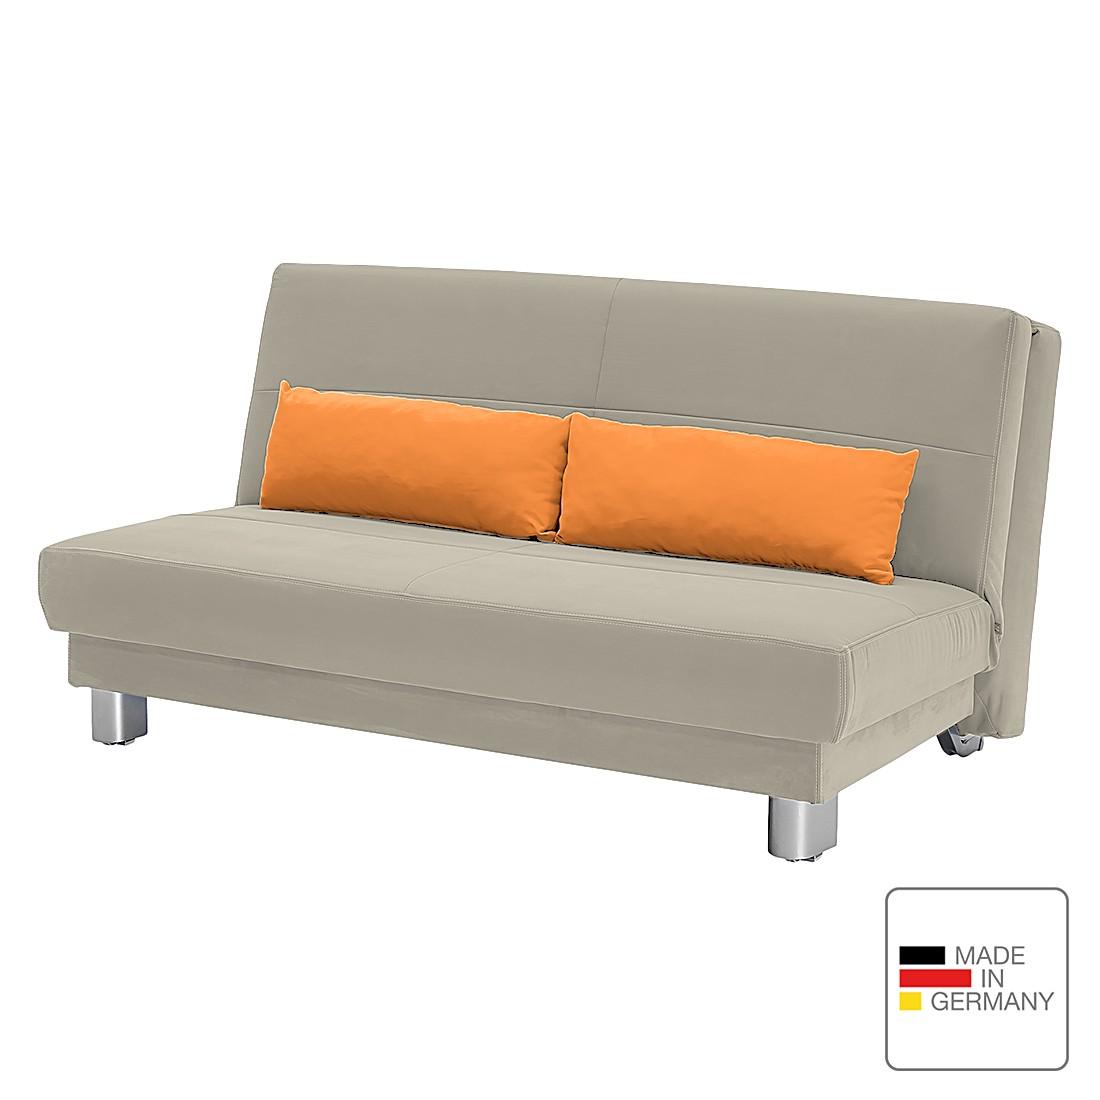 Schlafsofa Motard – Flachgewebe – Sand / Orange – 158 cm, Studio Monroe jetzt bestellen